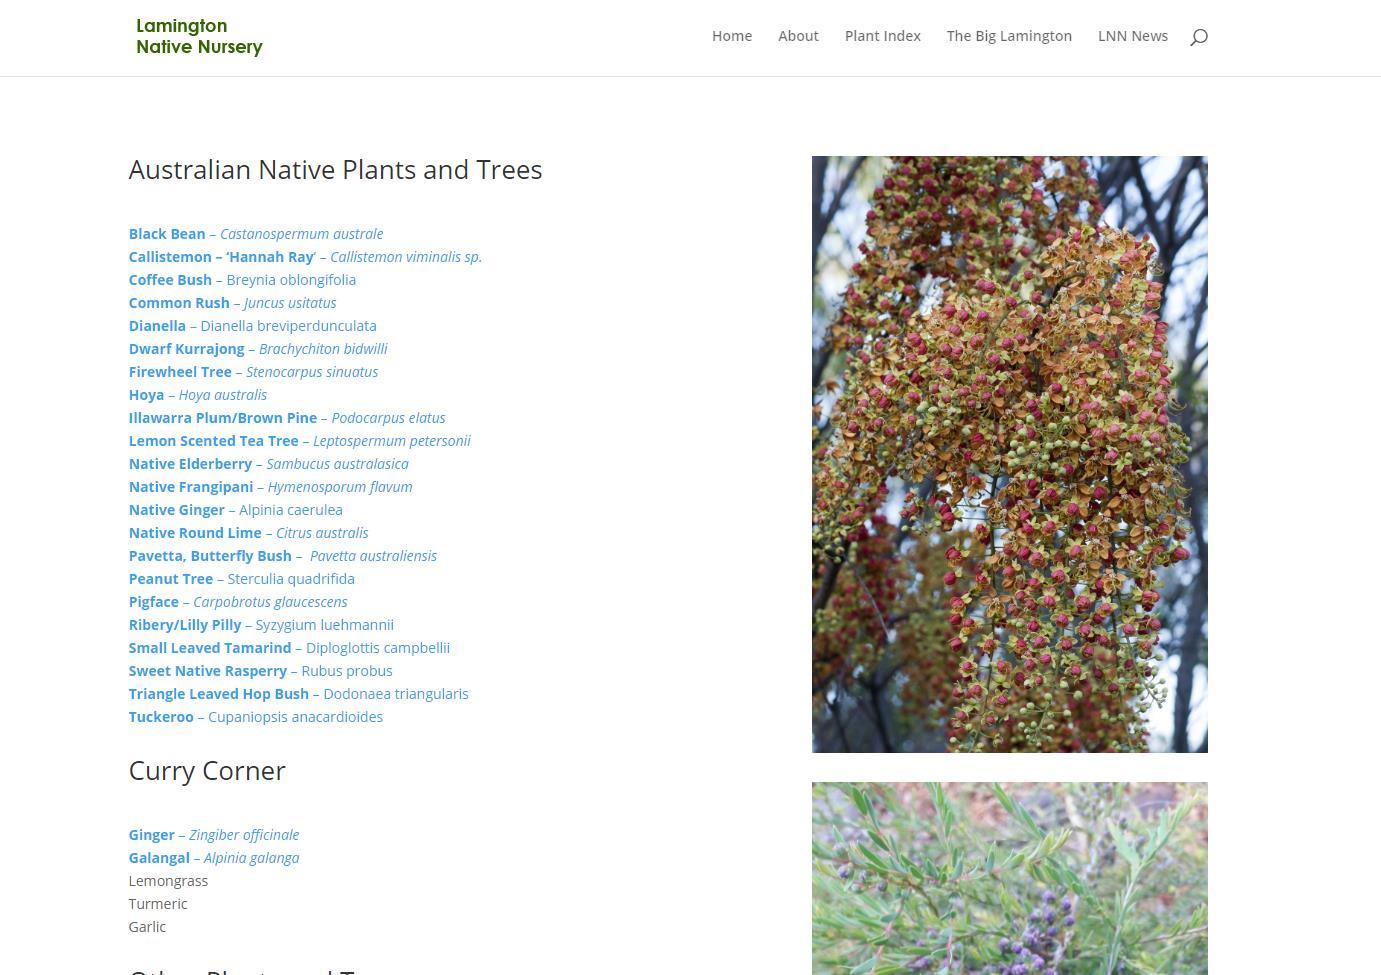 New Plant Index